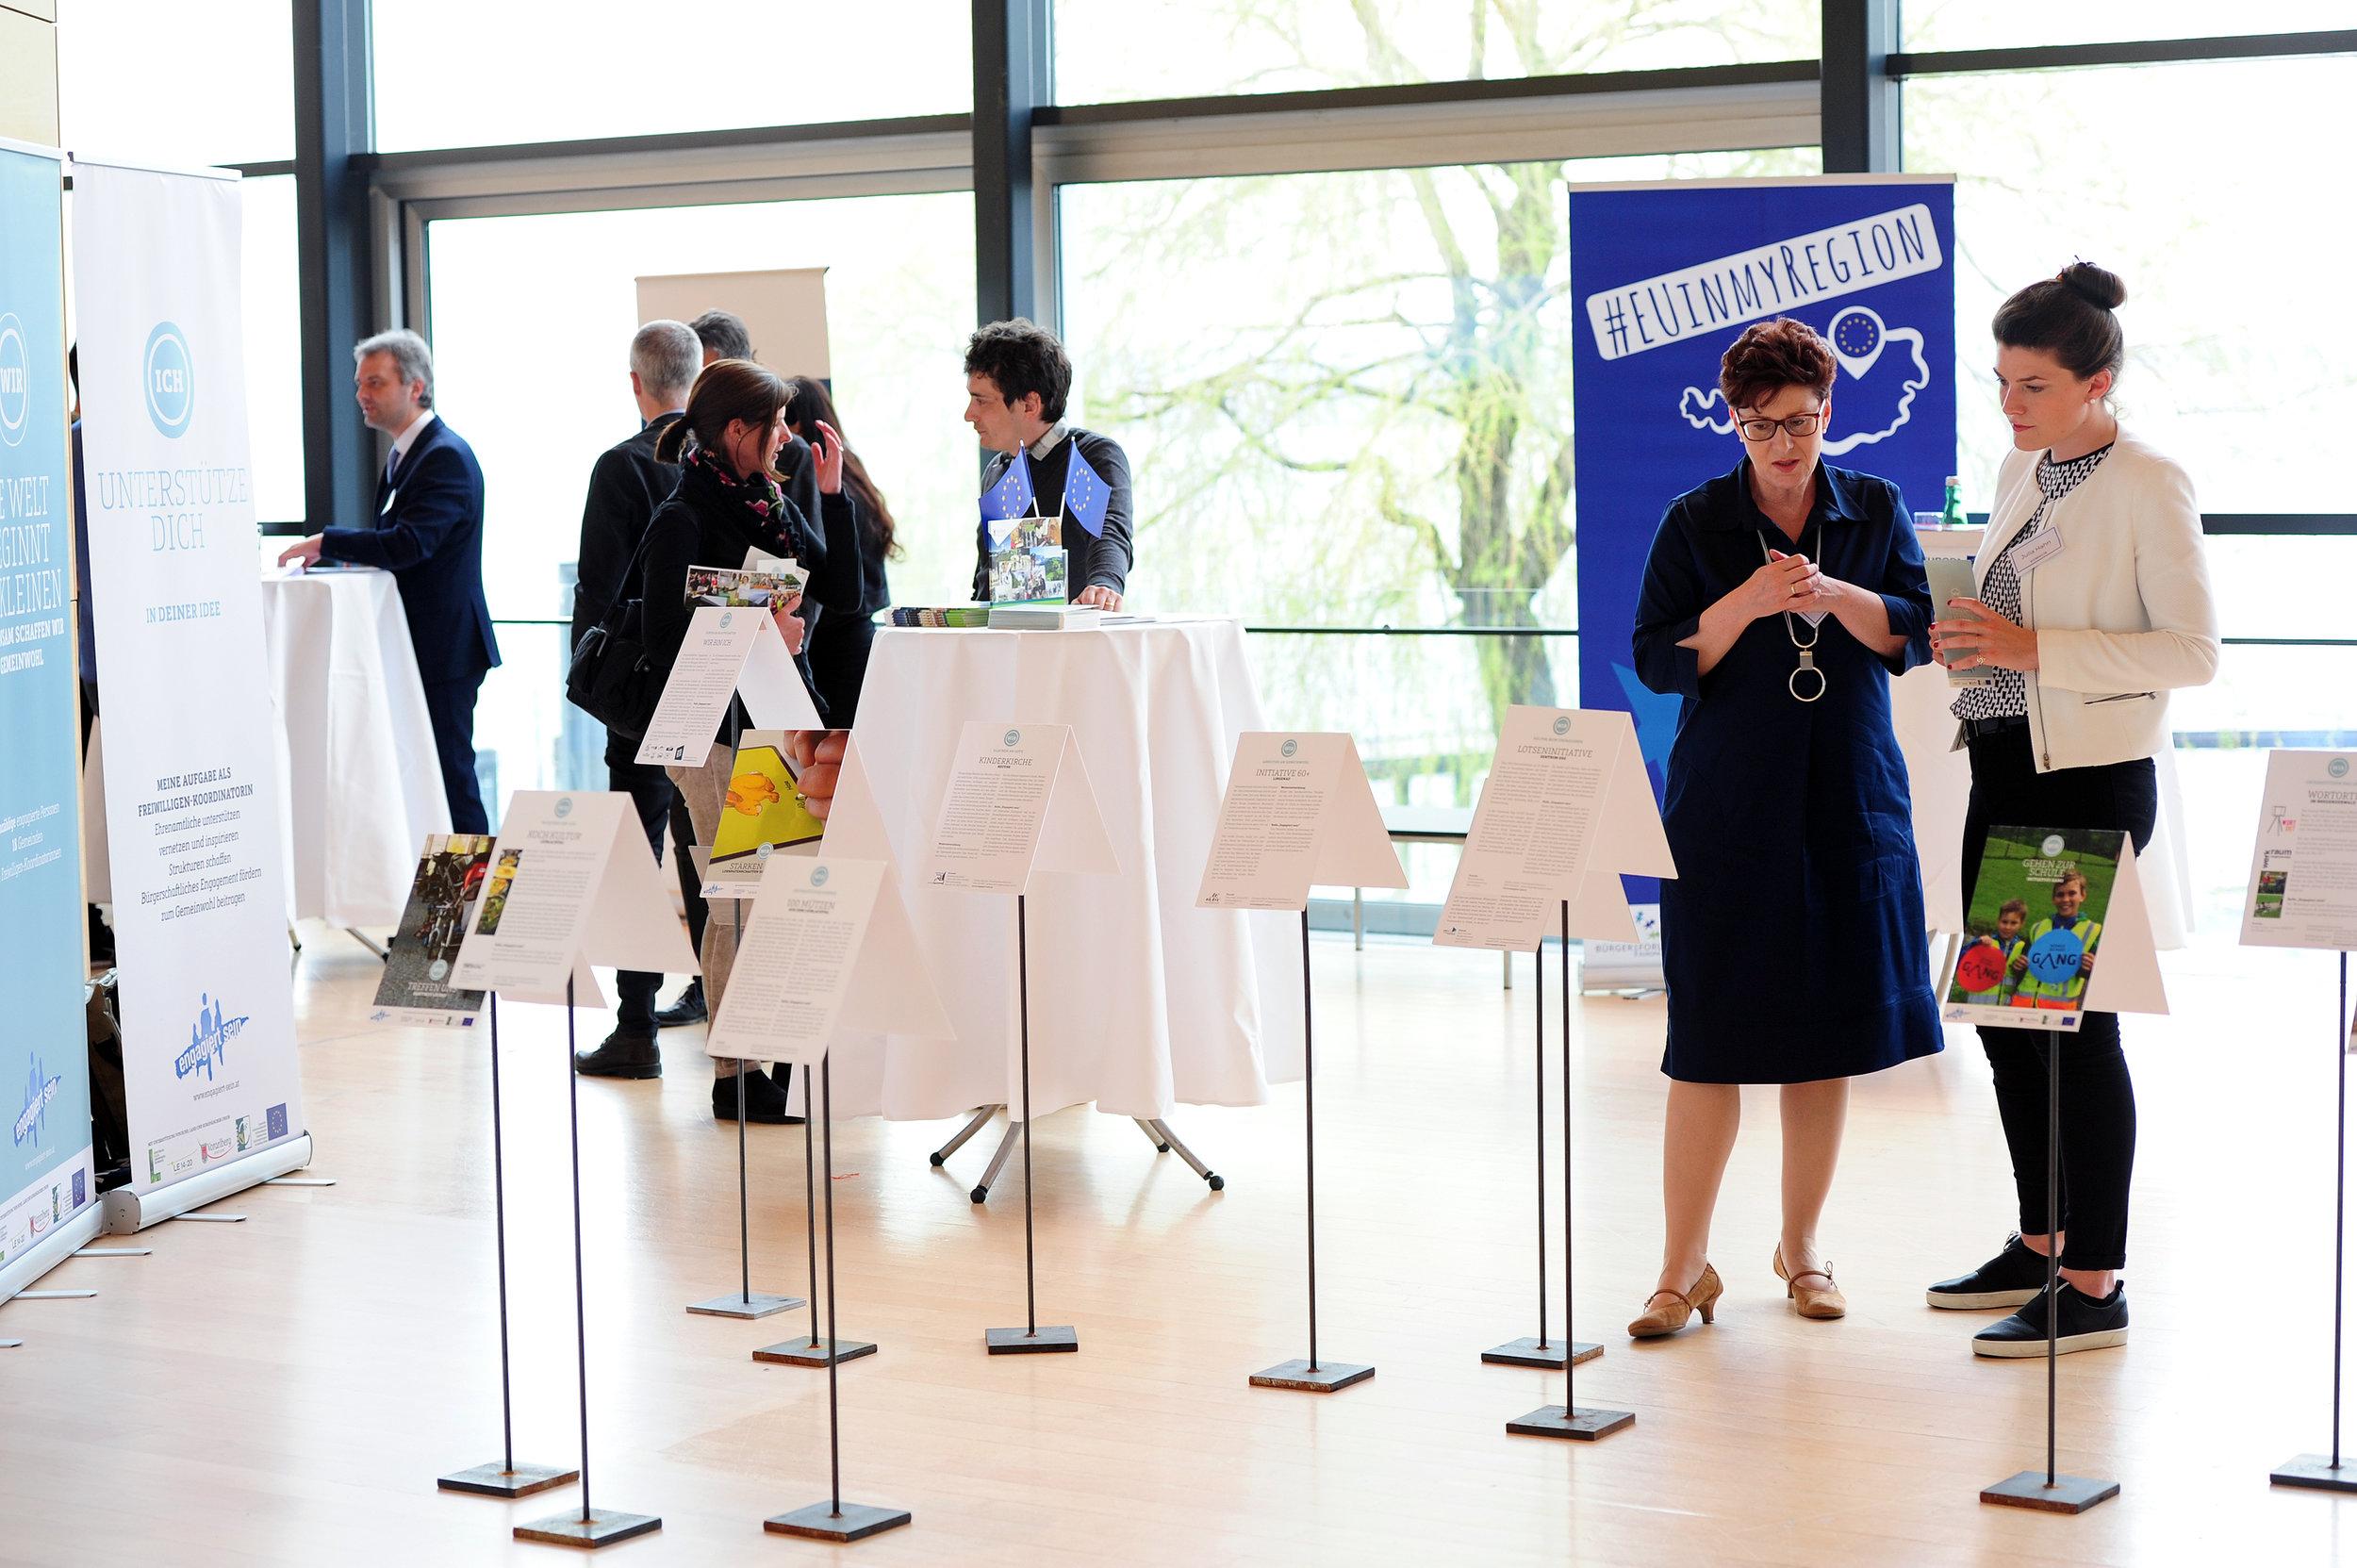 Bürgerforum-086.JPG